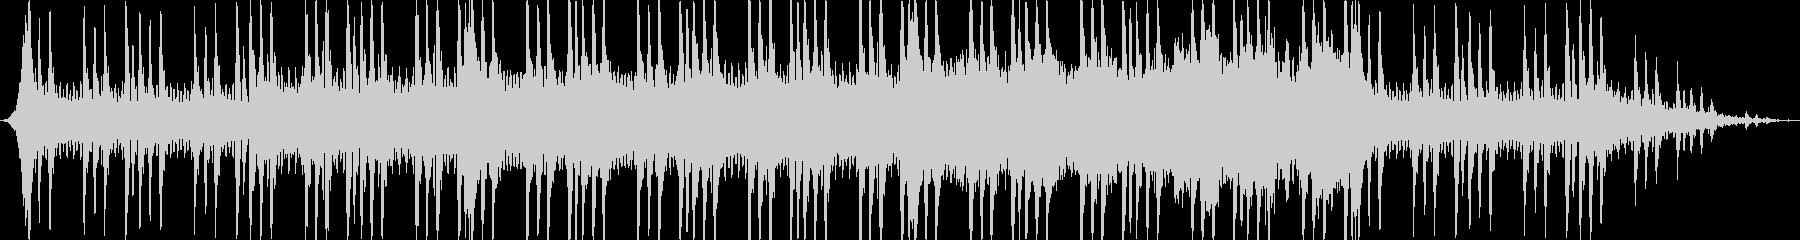 緊迫感のある弦楽曲の未再生の波形